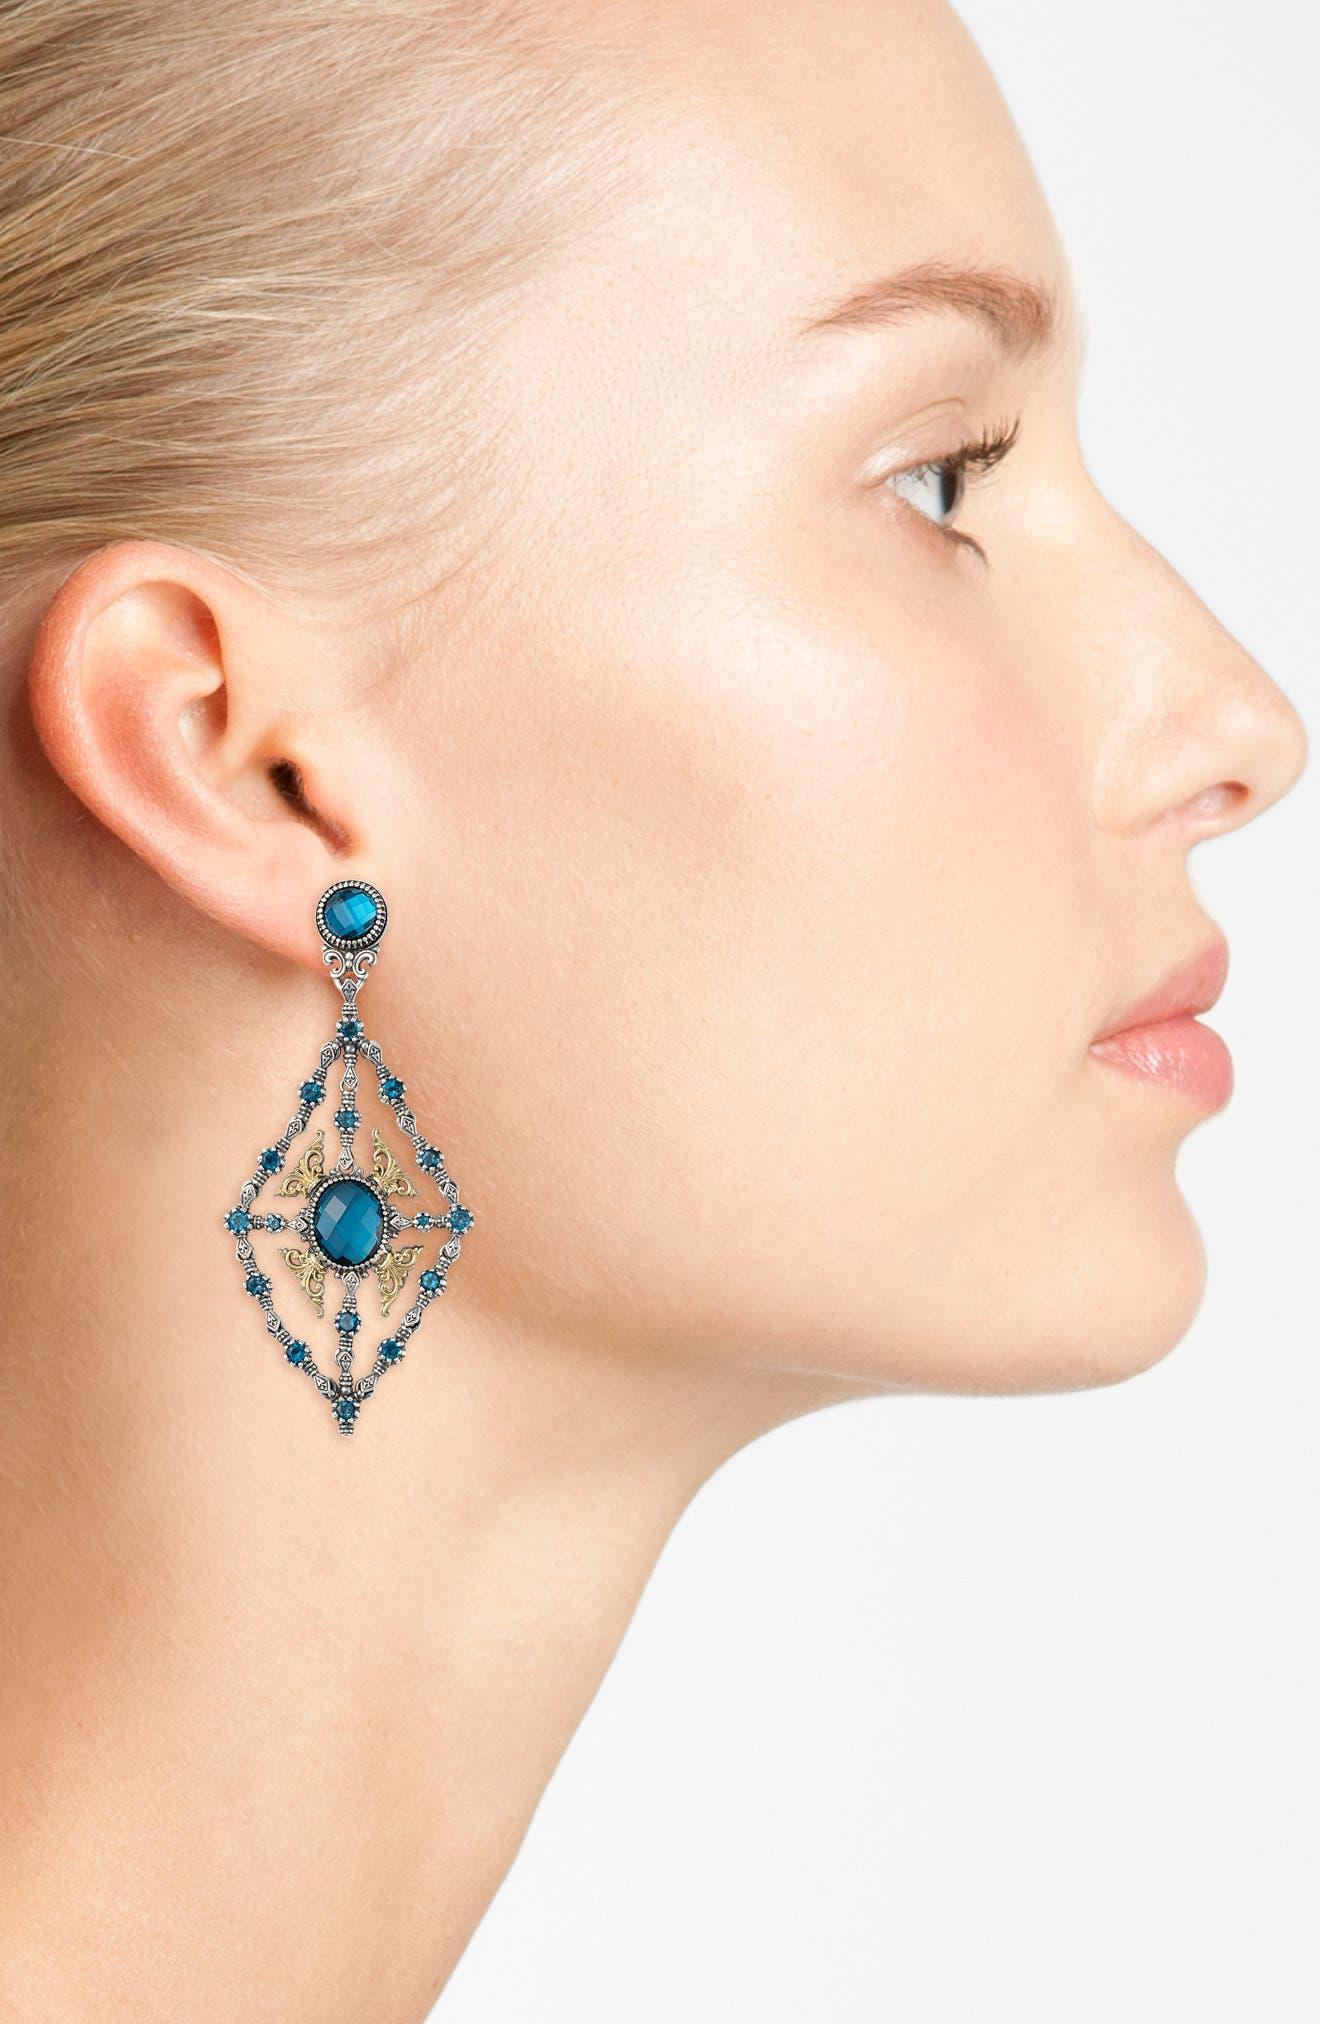 'Thalassa' Blue Topaz Kite Chandelier Earrings,                             Alternate thumbnail 3, color,                             SILVER/ LONDON BLUE TOPAZ